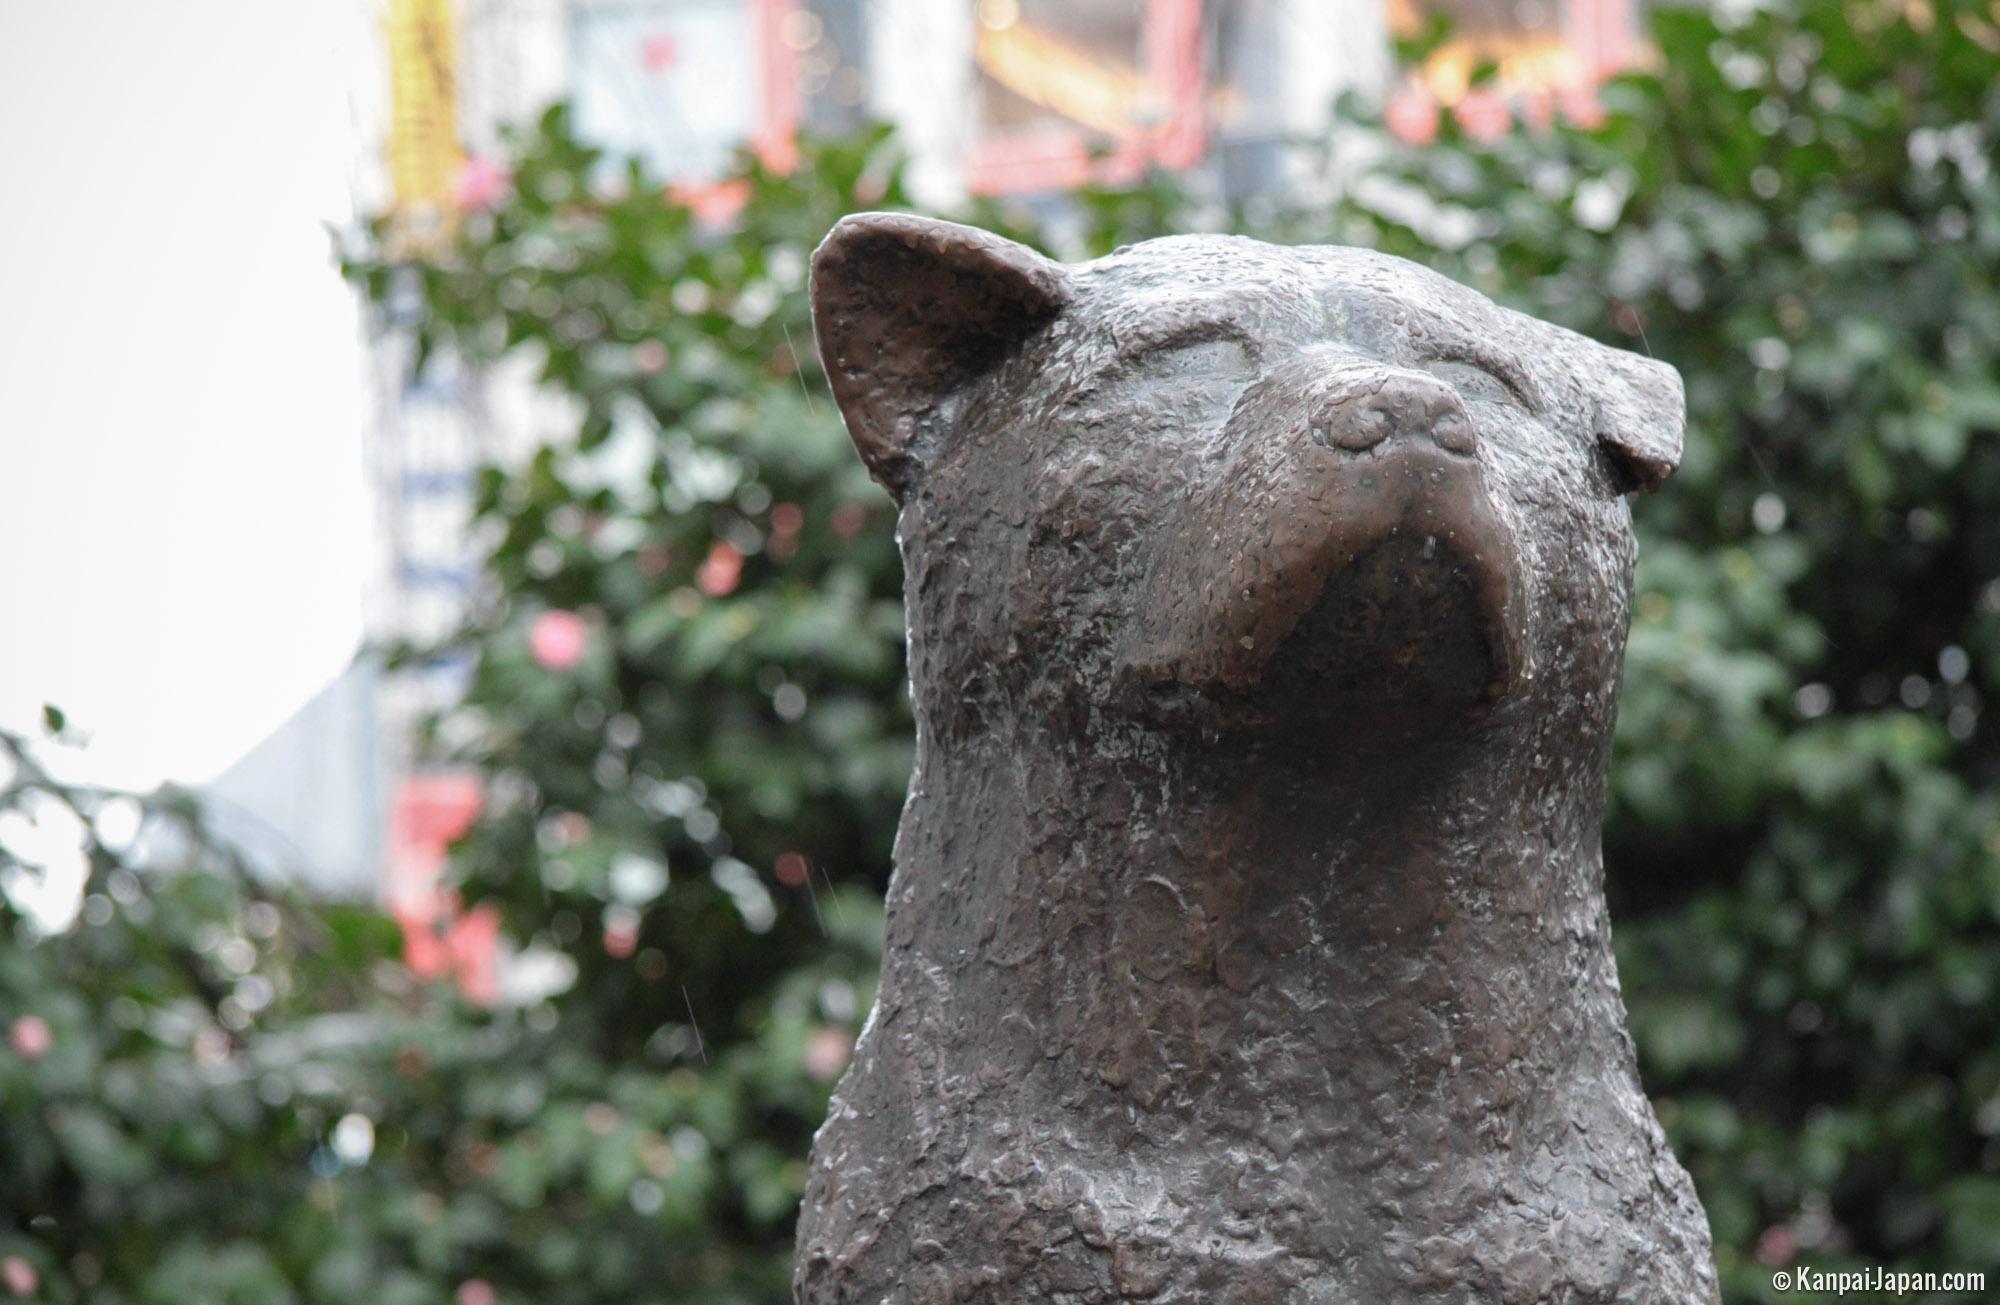 Hachiko - The Statue of Shibuya's Faithful Dog